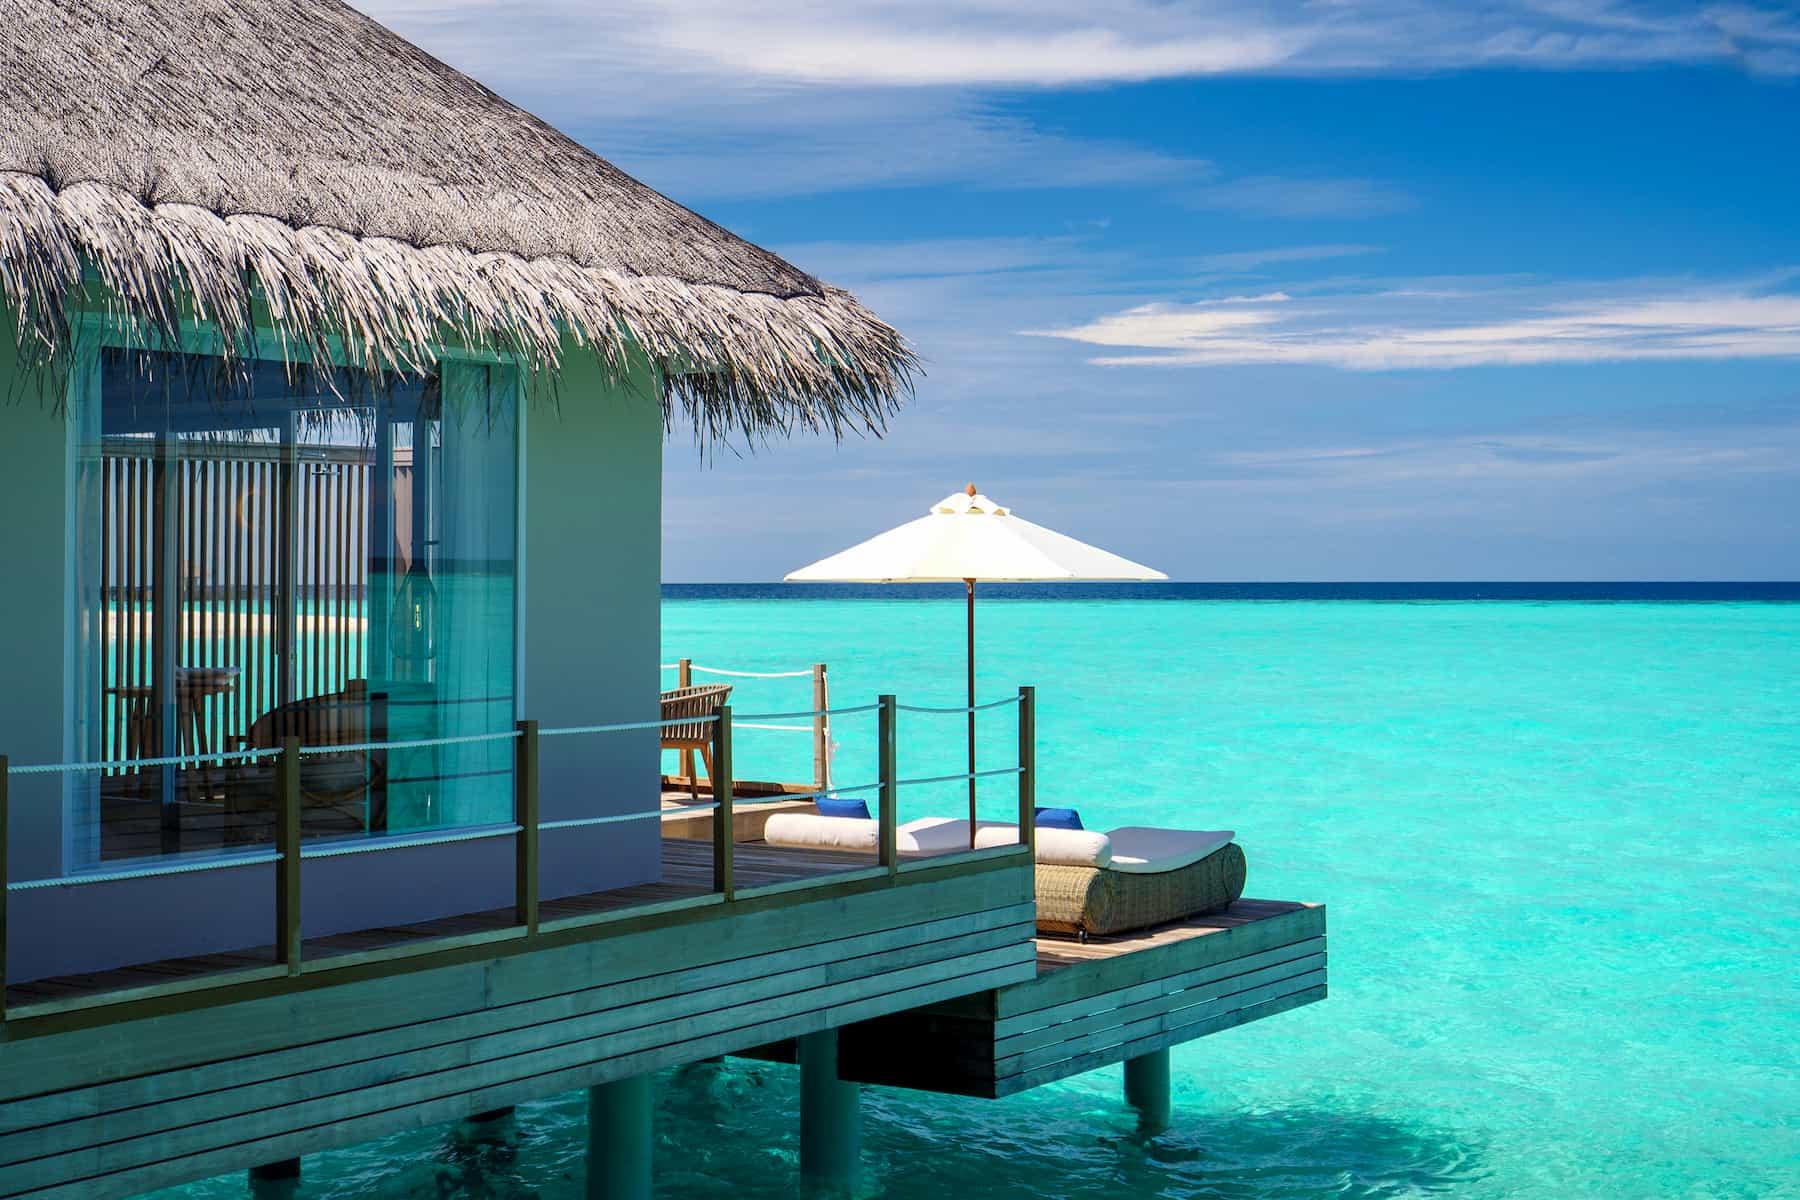 Resort Maldive Baglioni Resort water villa